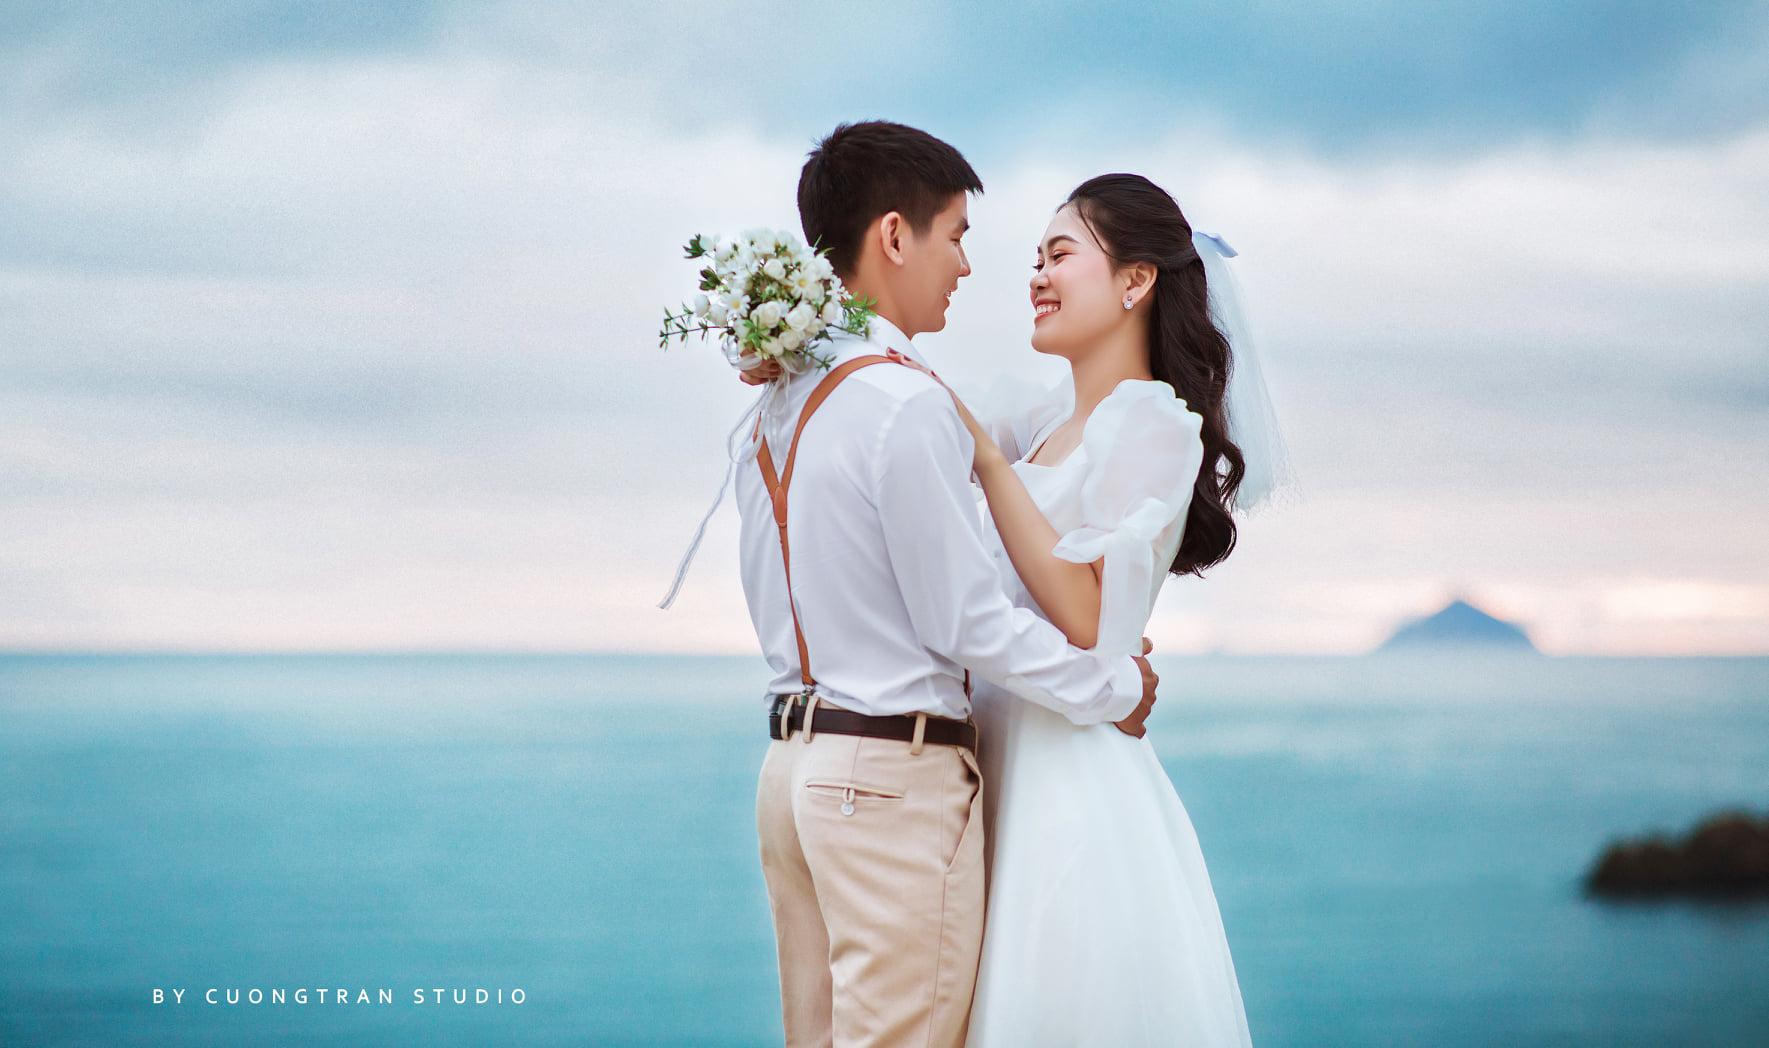 Dịch Vụ Chụp Ảnh Cưới Tại Nha Trang